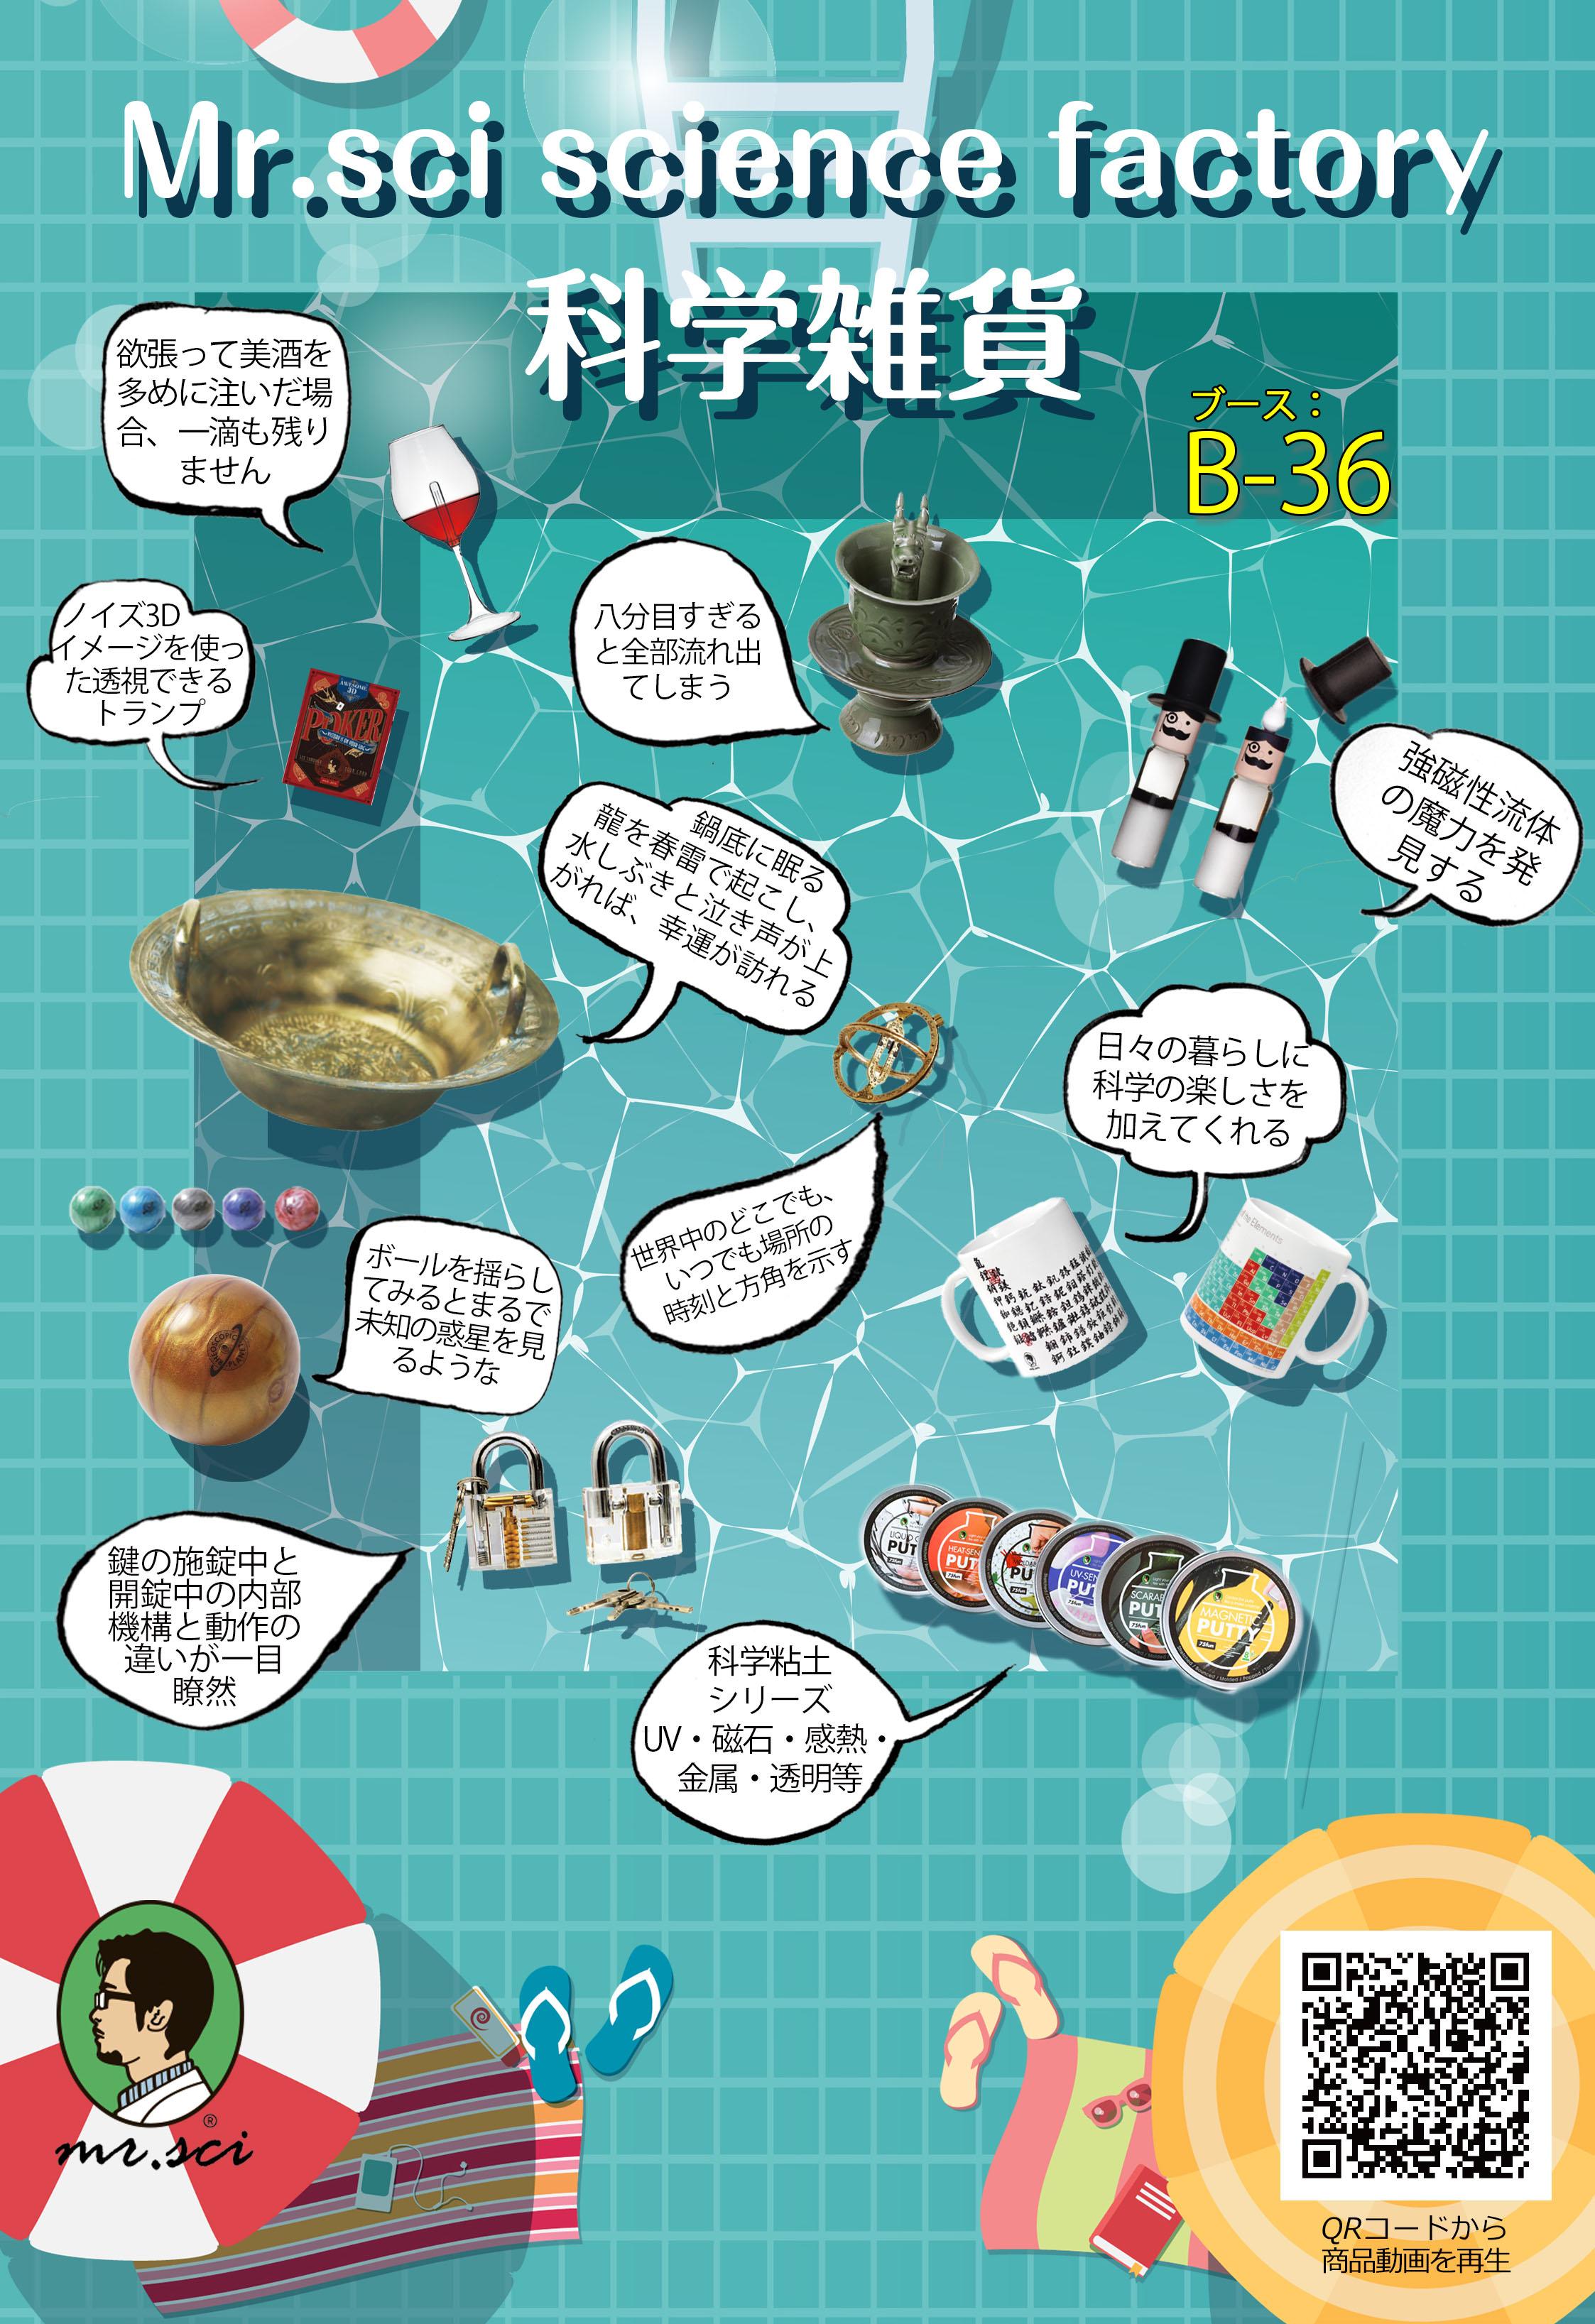 2018博物ふぇすてぃばる!5 出店お知らせ